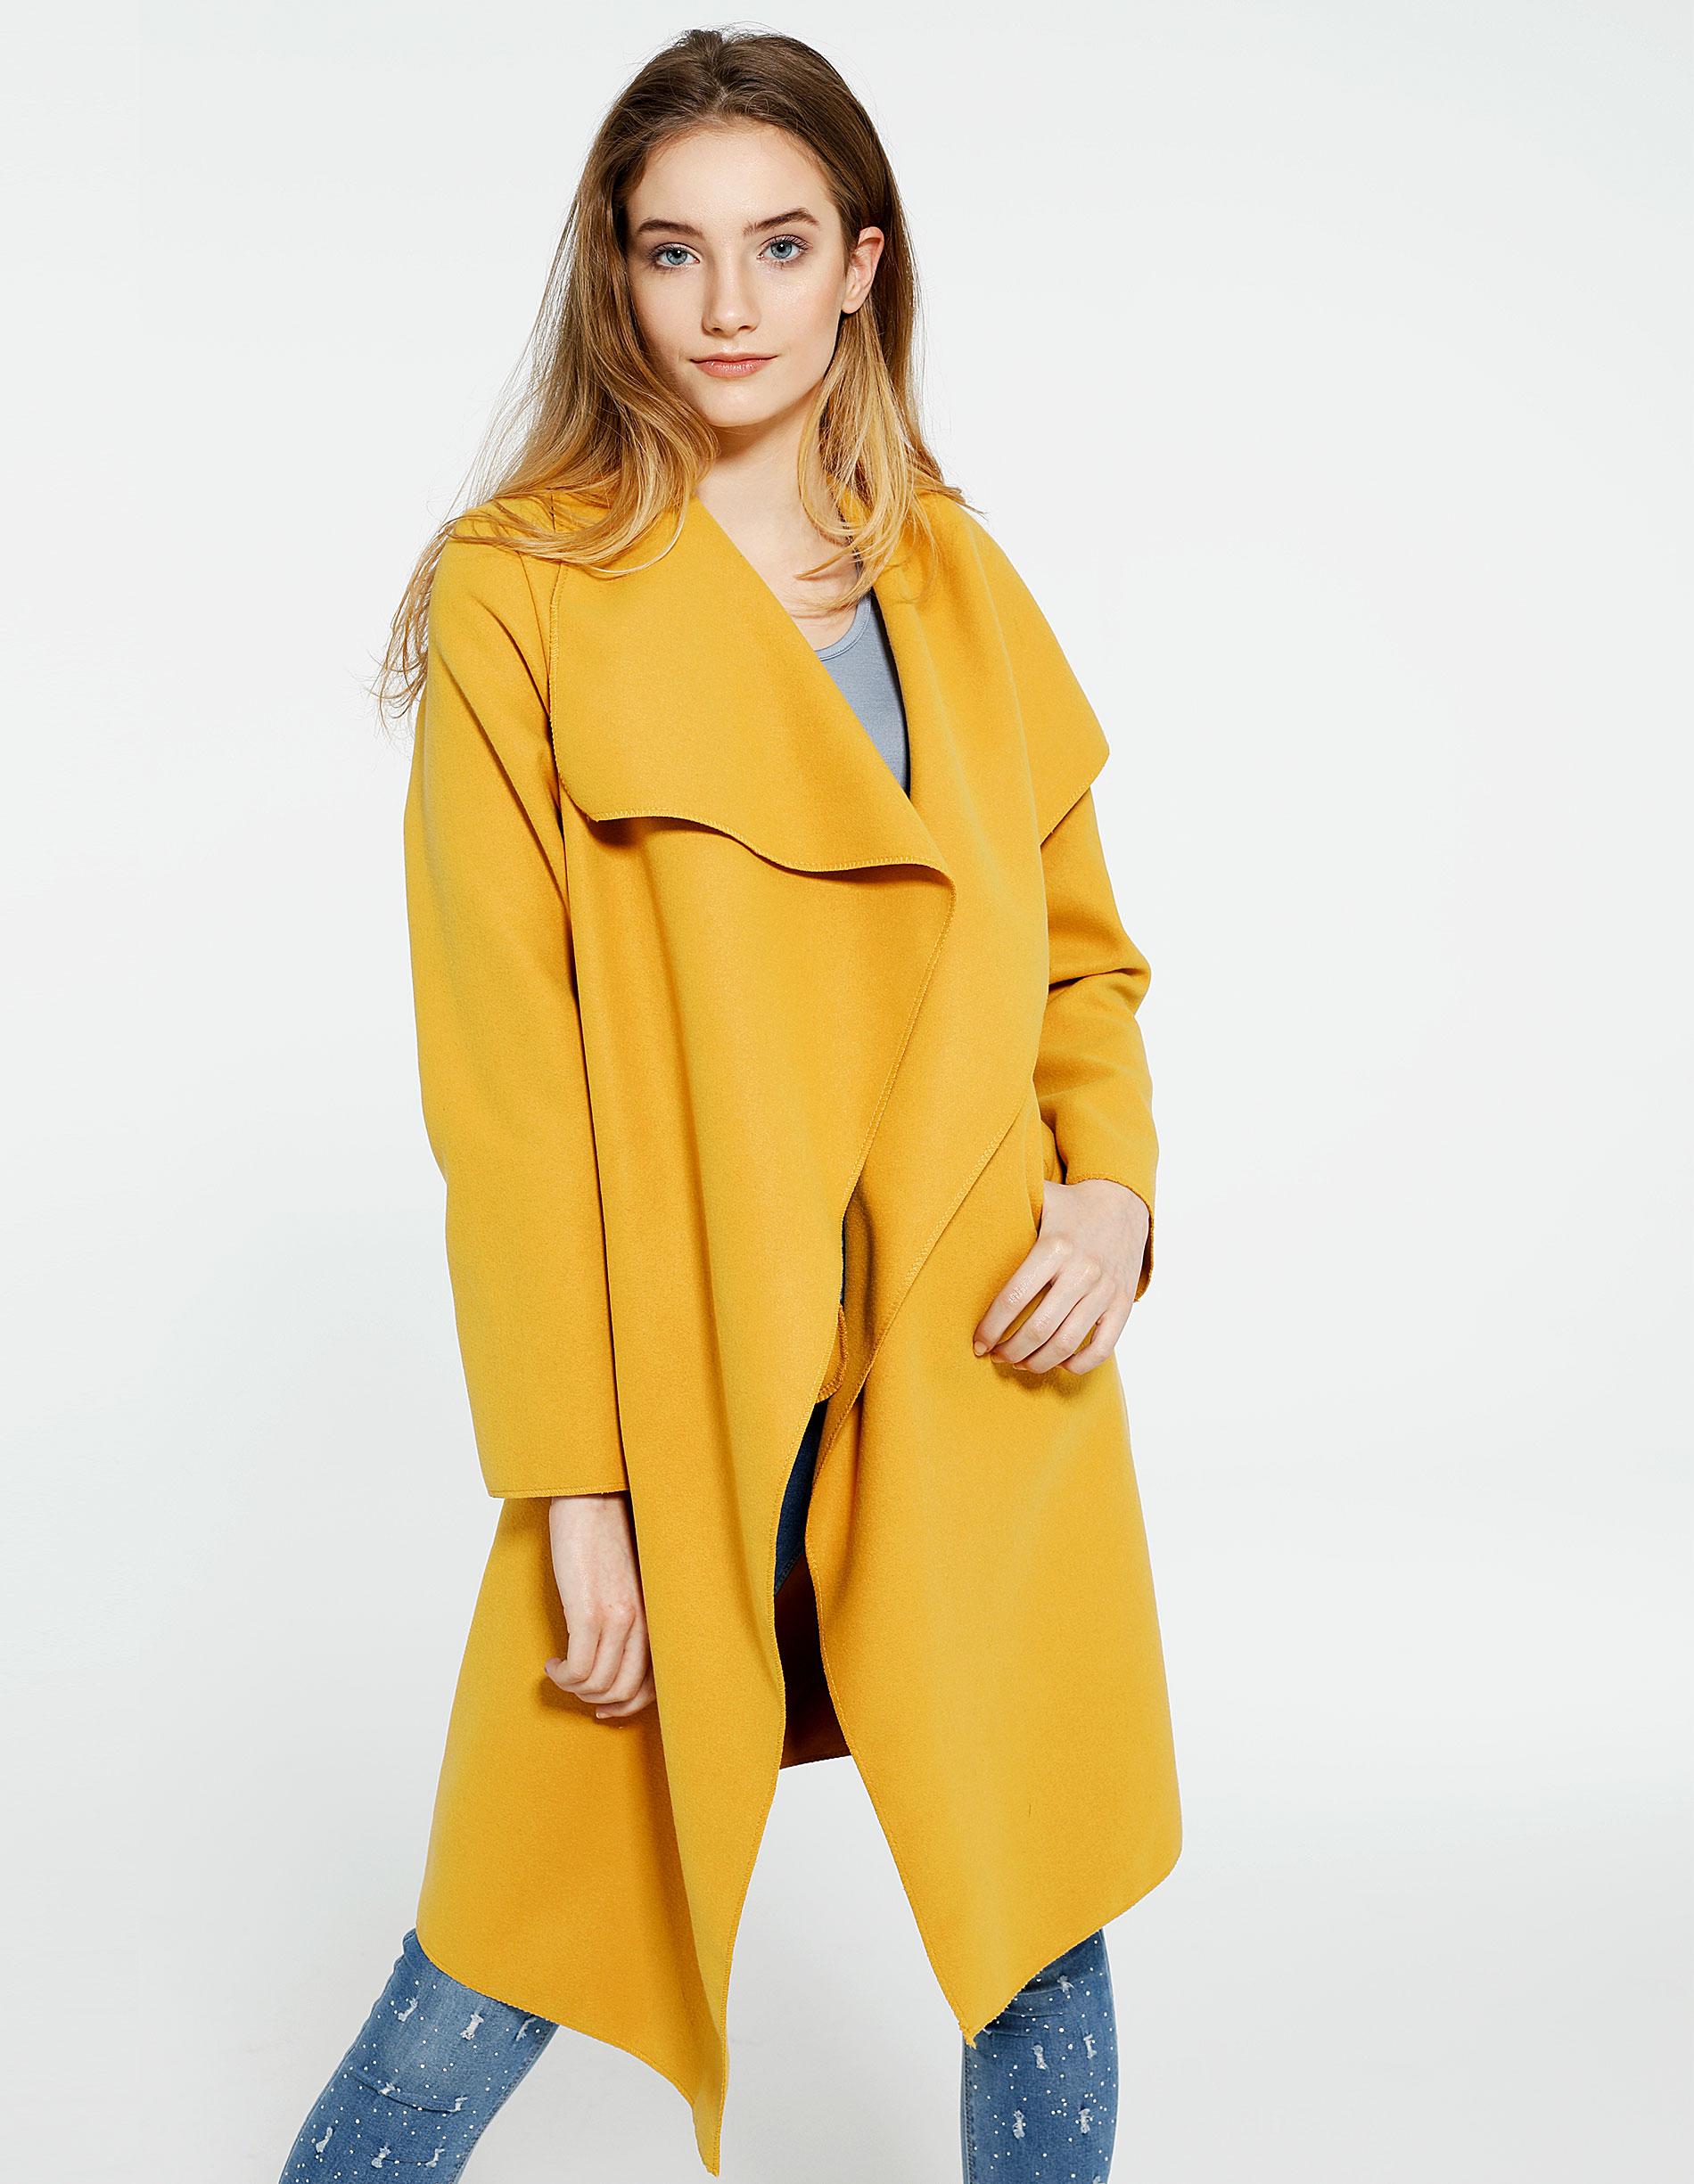 Płaszcz materiałowy - 65-5079L SENA - Unisono